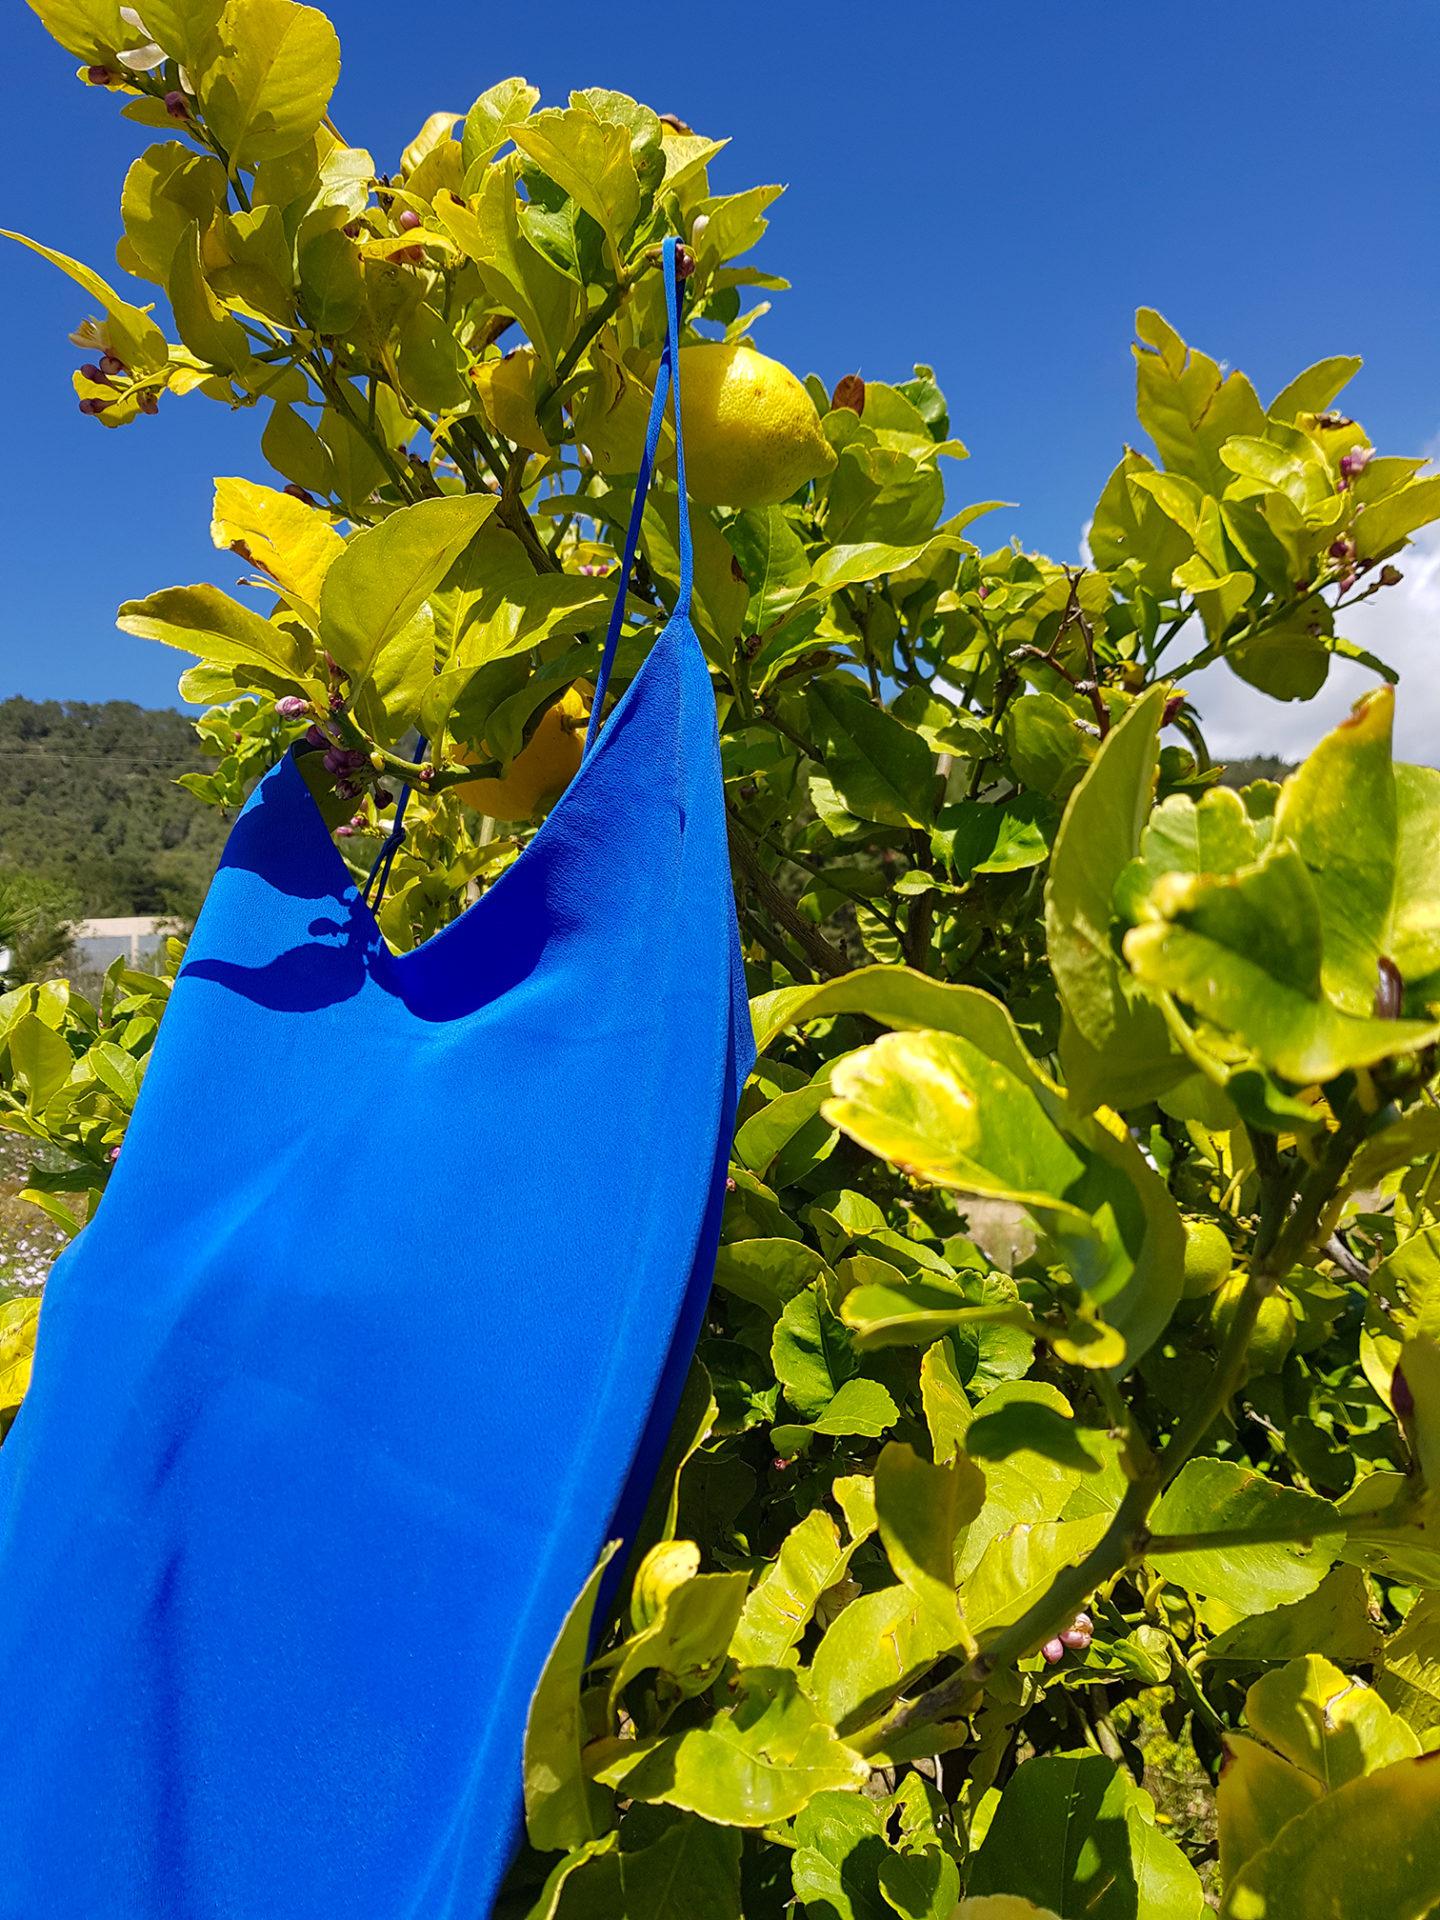 silk dress bleu Santorin, col. Jeanne   Jeanne Voilier, soies de jour et bijoux précieux